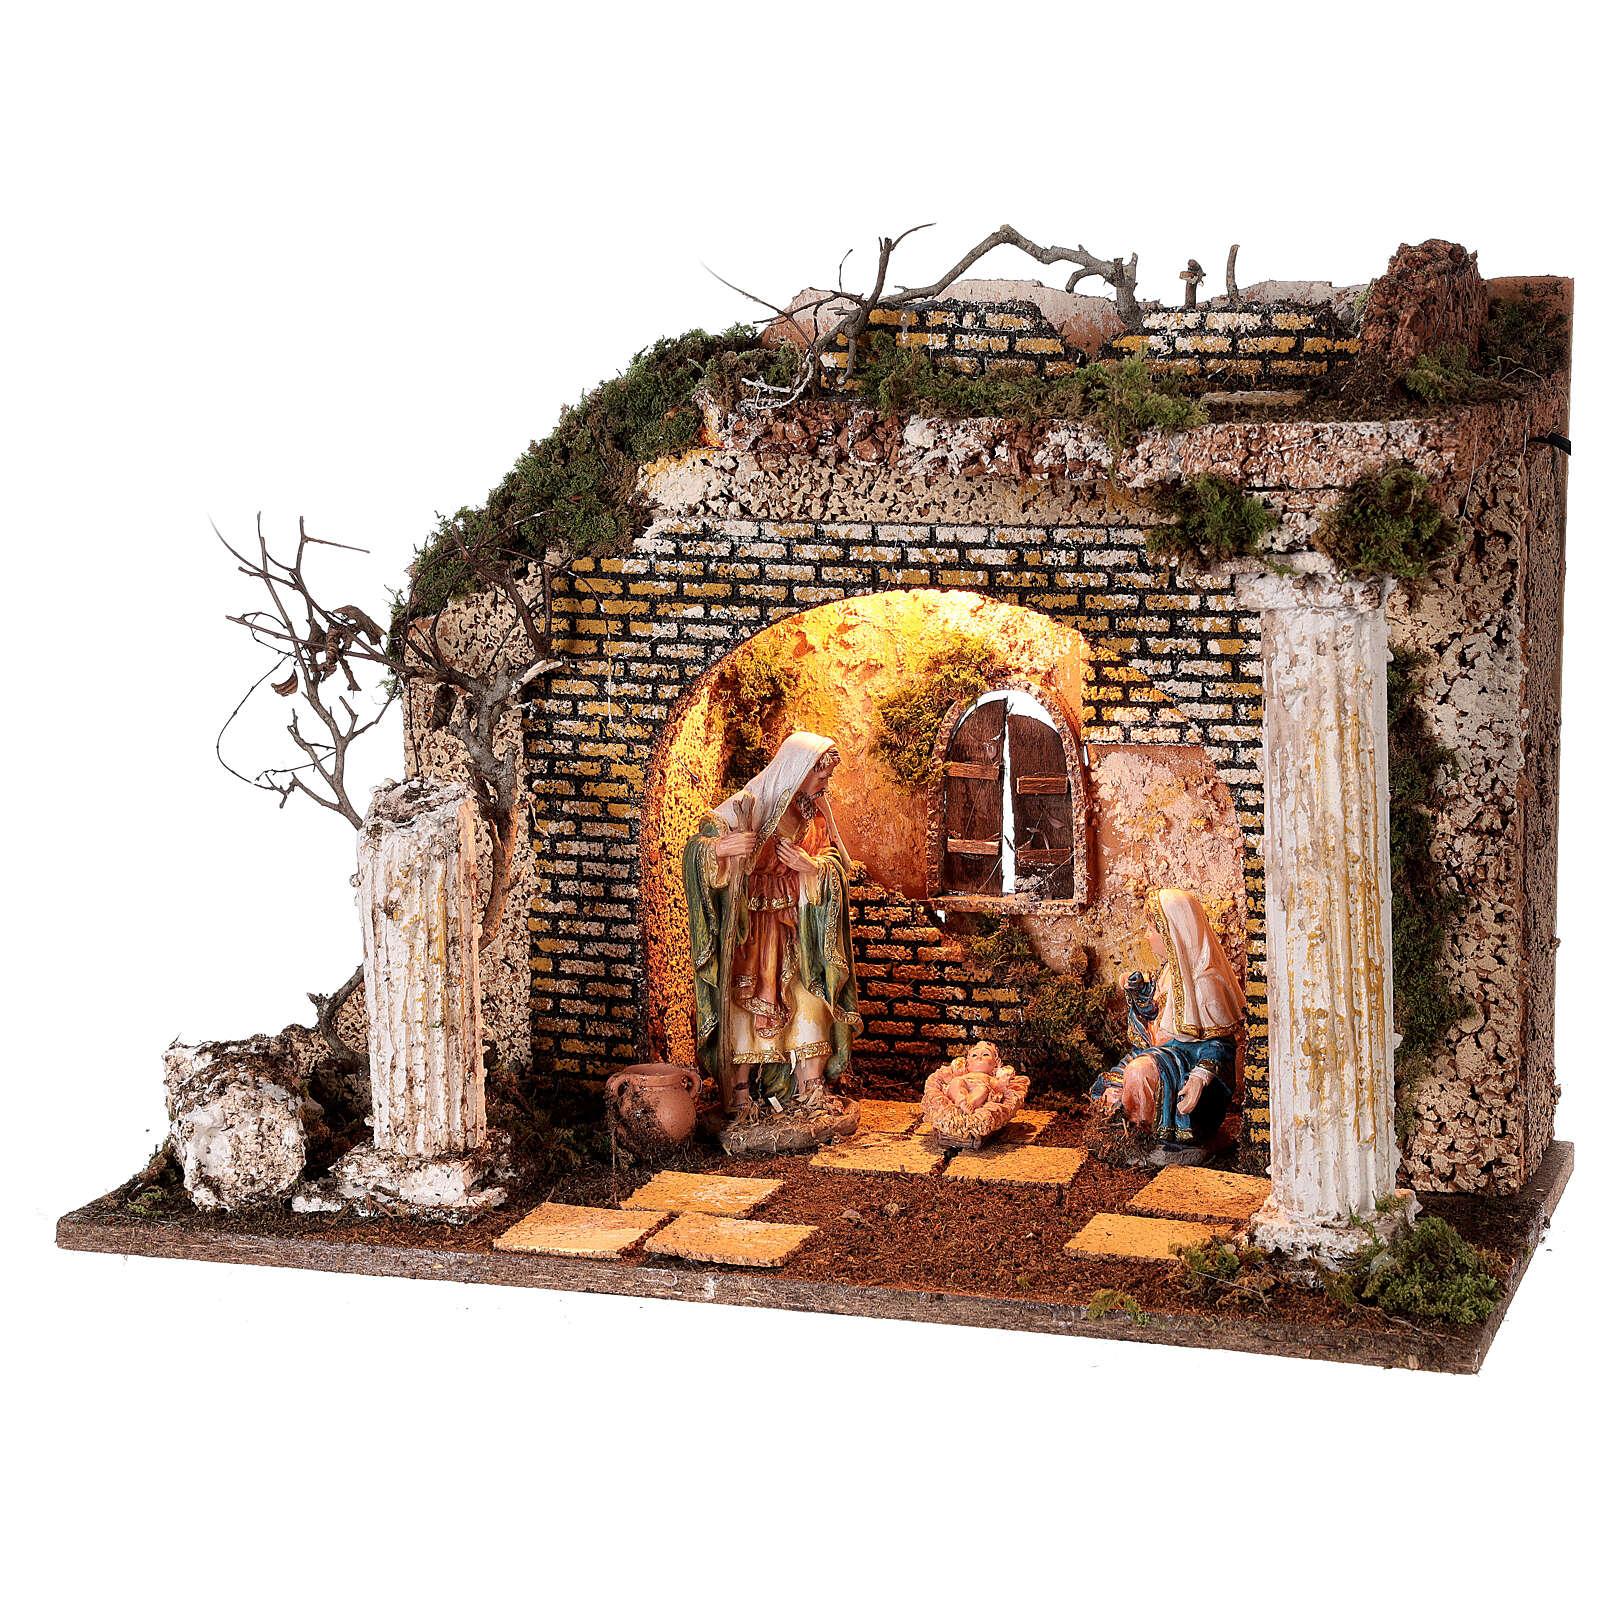 Cabana iluminada Natividade 16 cm com ruínas colunas gregas; medidas: 35x50x25 cm 4